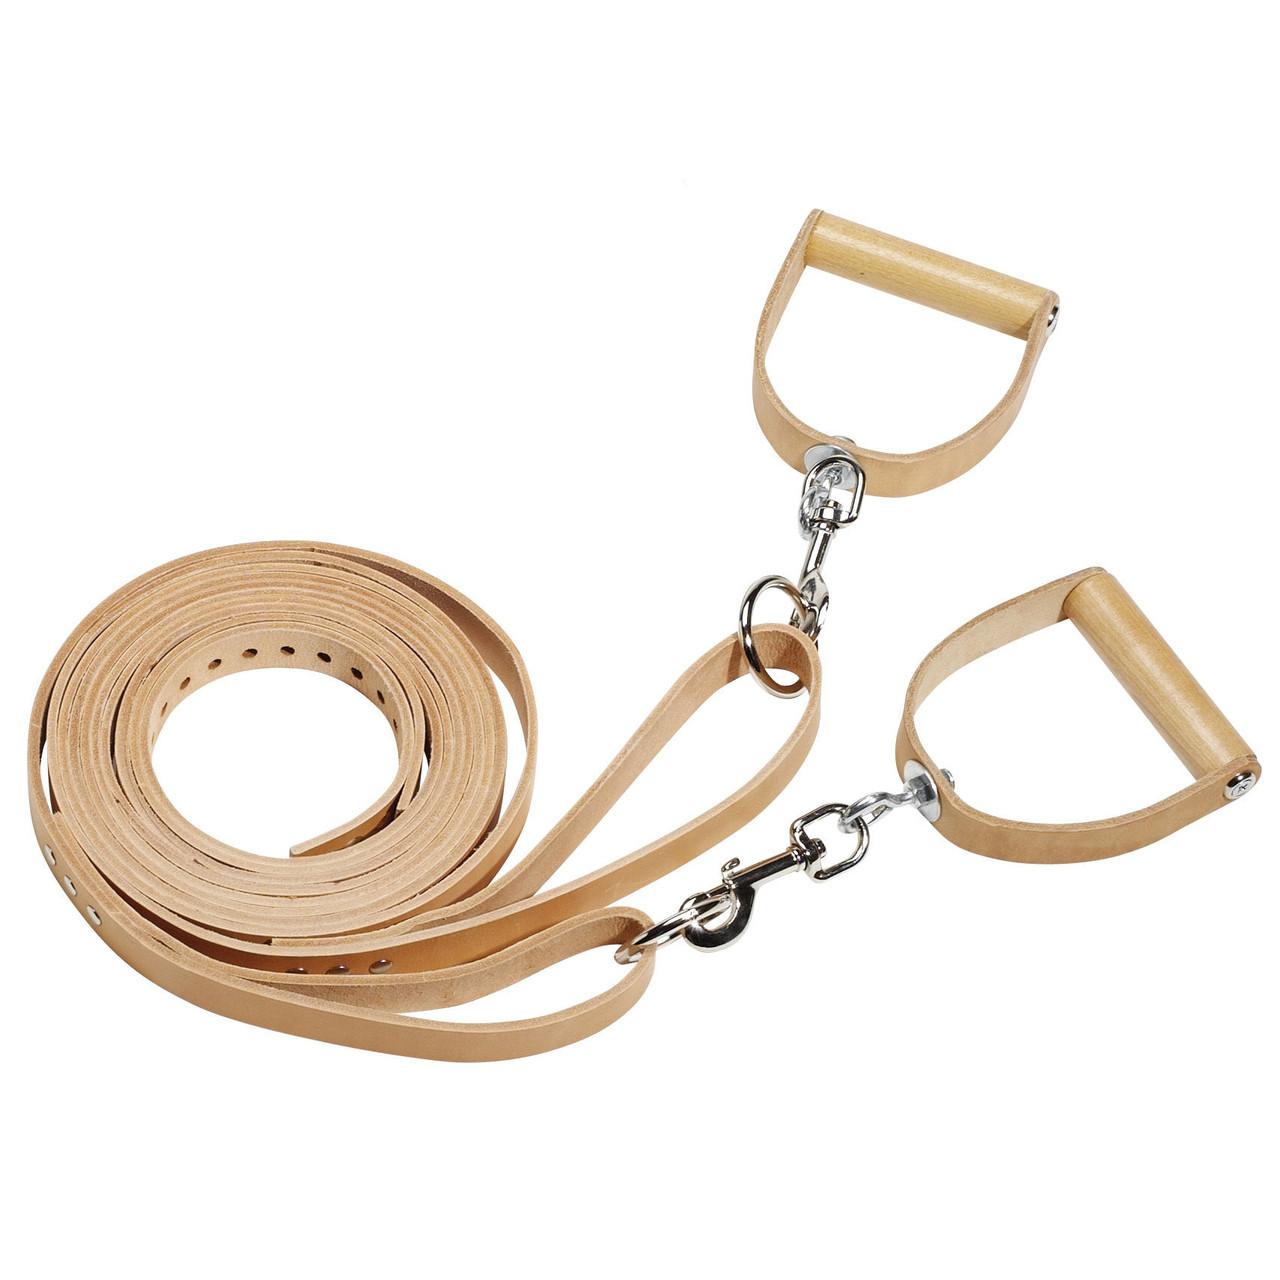 Premium Leather Primary Straps (pair)